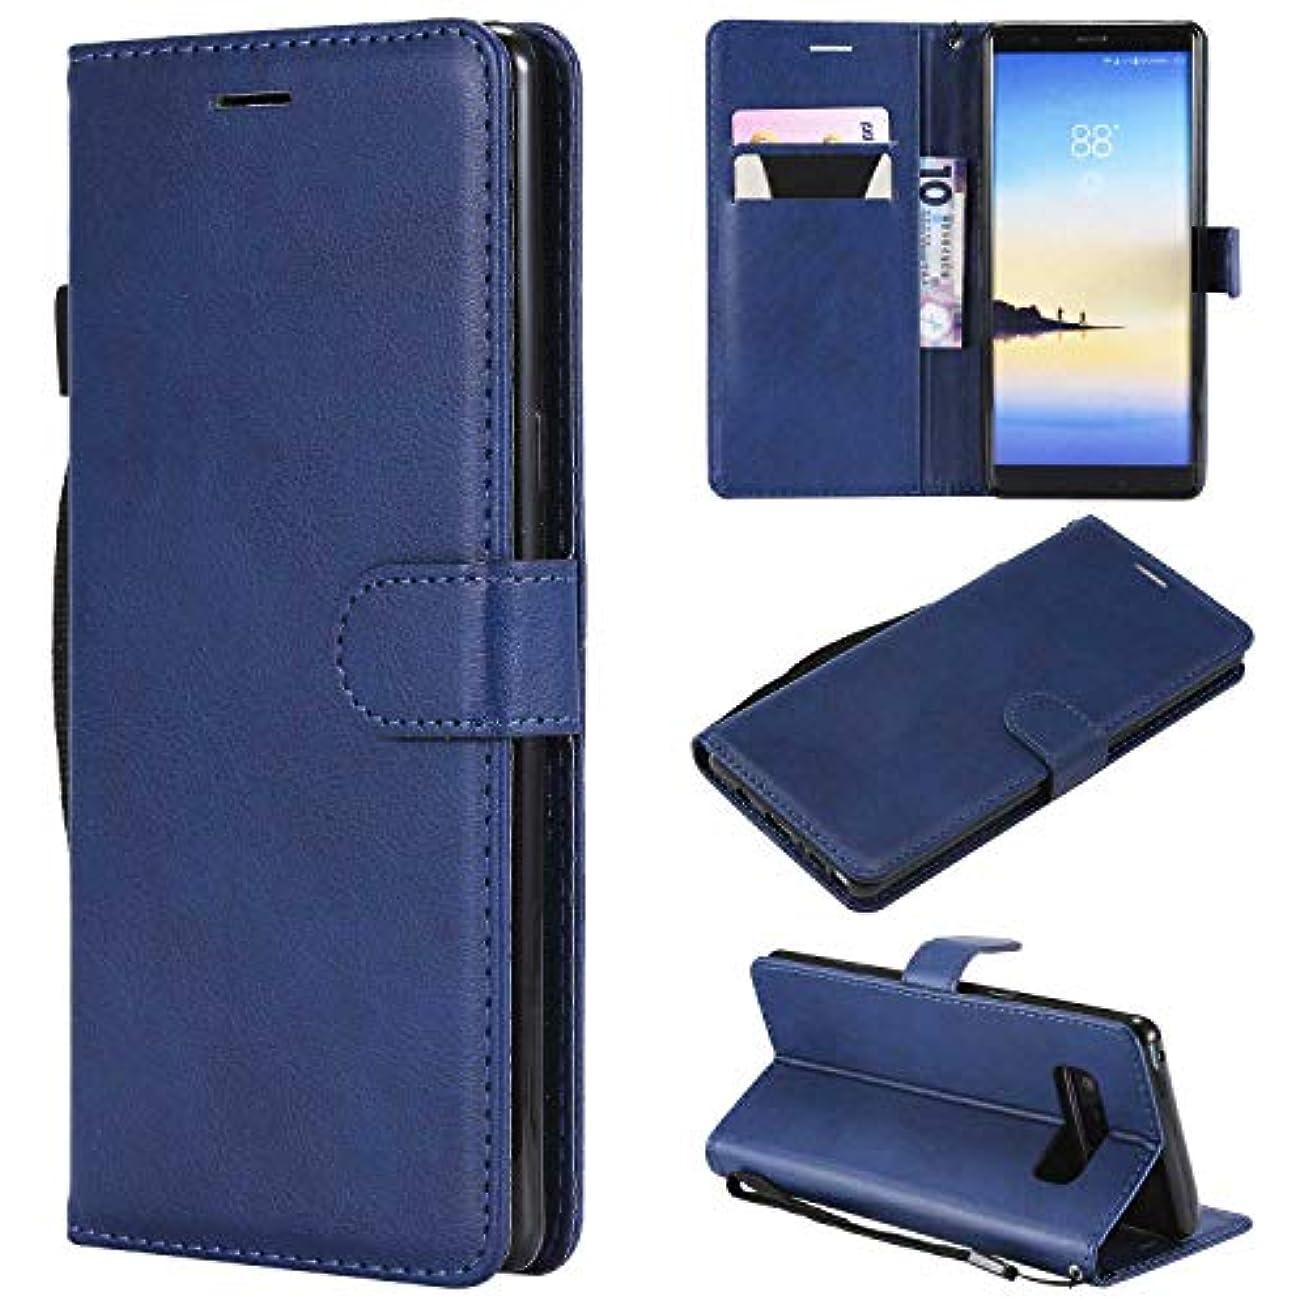 裏切り大臣シェフGalaxy Note 8 ケース手帳型 OMATENTI レザー 革 薄型 手帳型カバー カード入れ スタンド機能 サムスン Galaxy Note 8 おしゃれ 手帳ケース (6-ブルー)